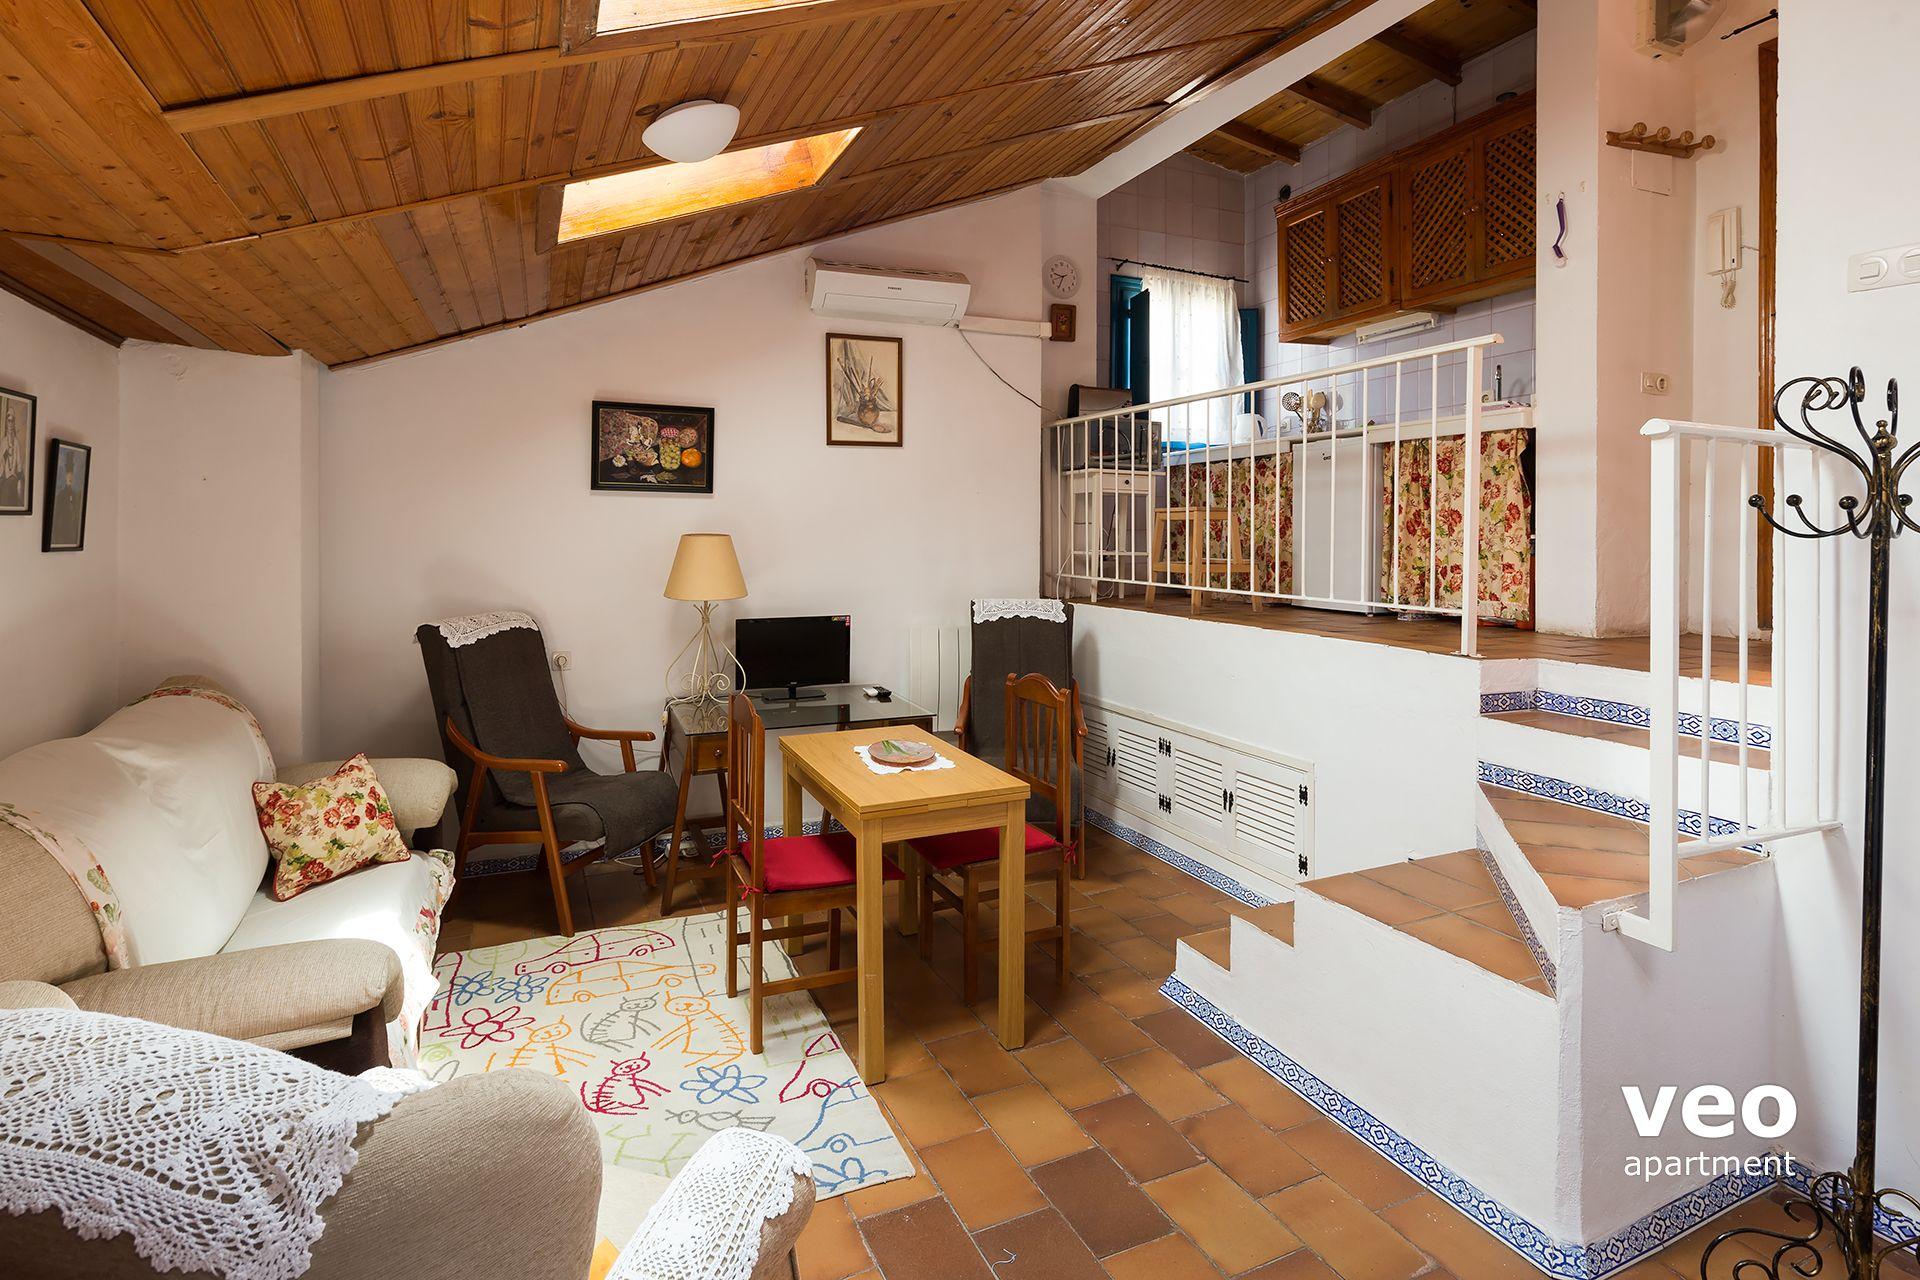 Sevilla apartmento calle relator sevilla espa a flores for Registro bienes muebles sevilla